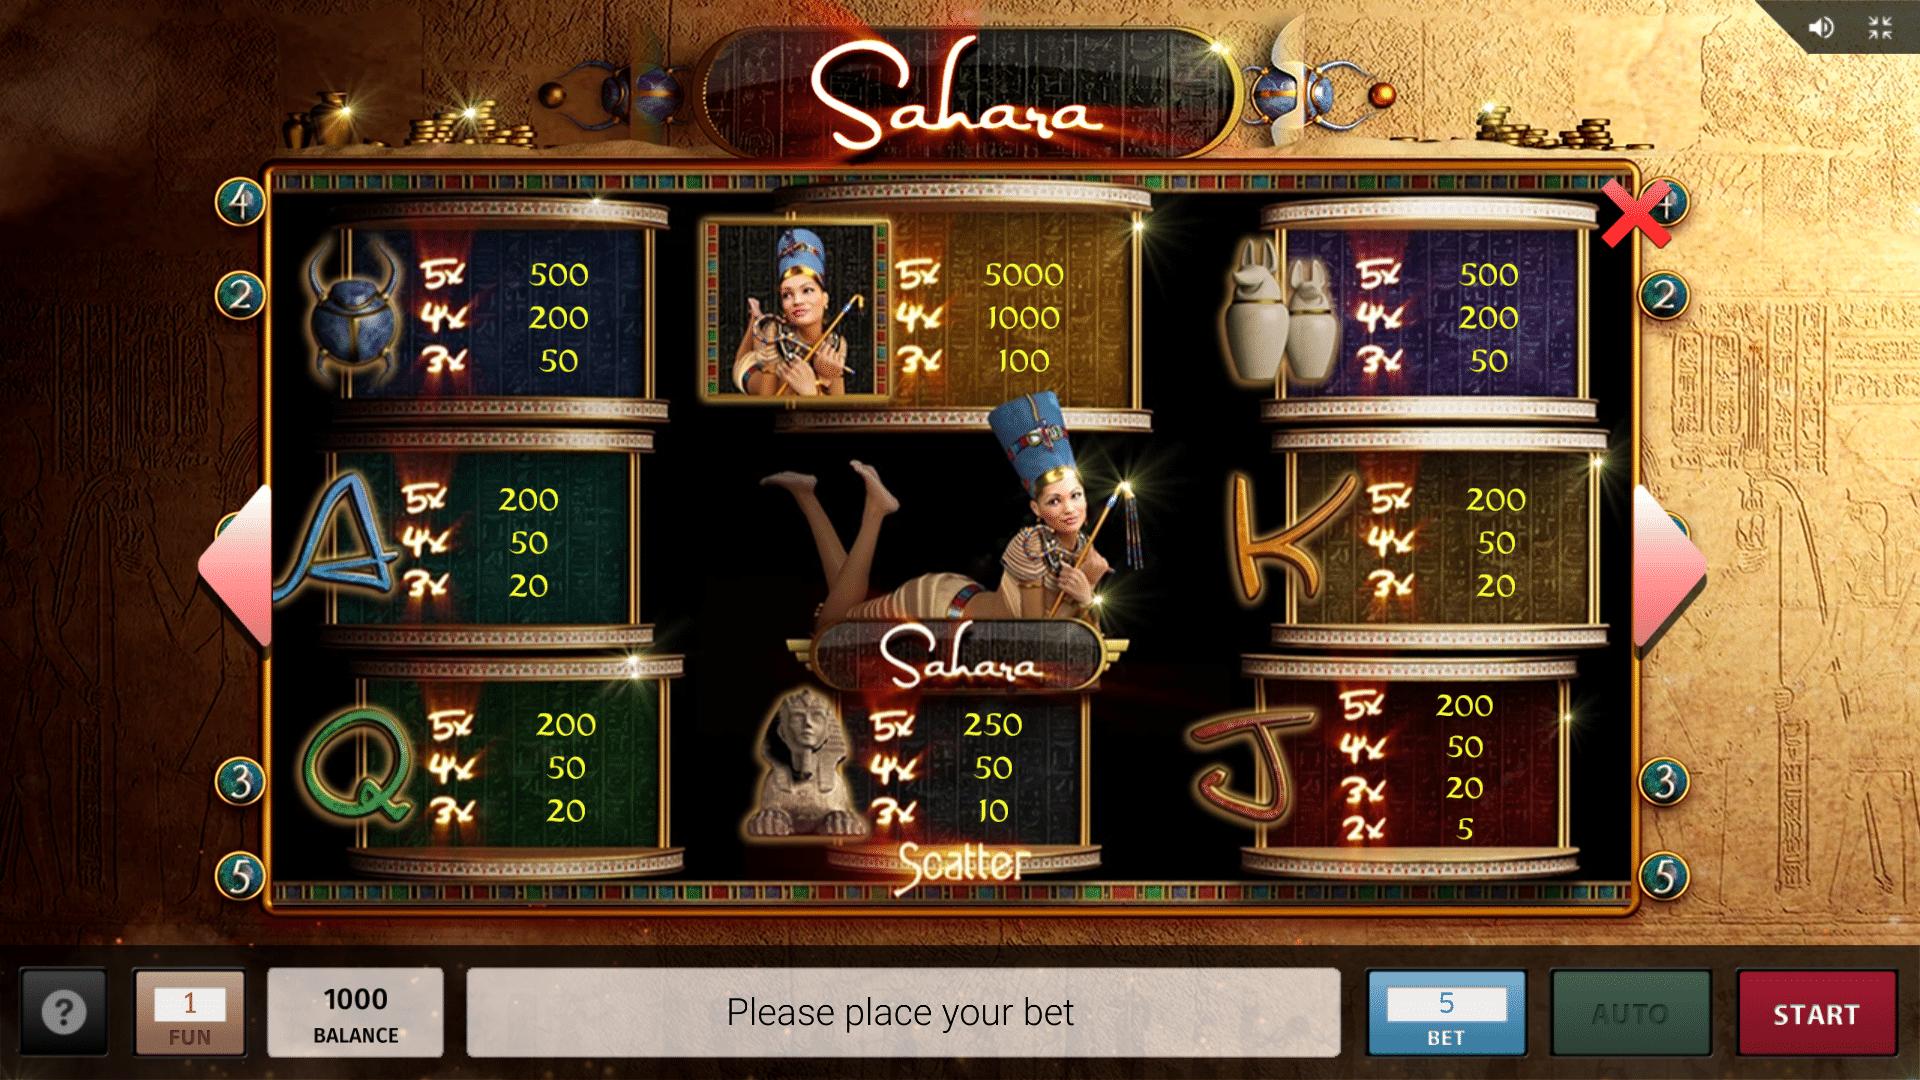 Tabella Pagamenti della Slot gratis Sahara